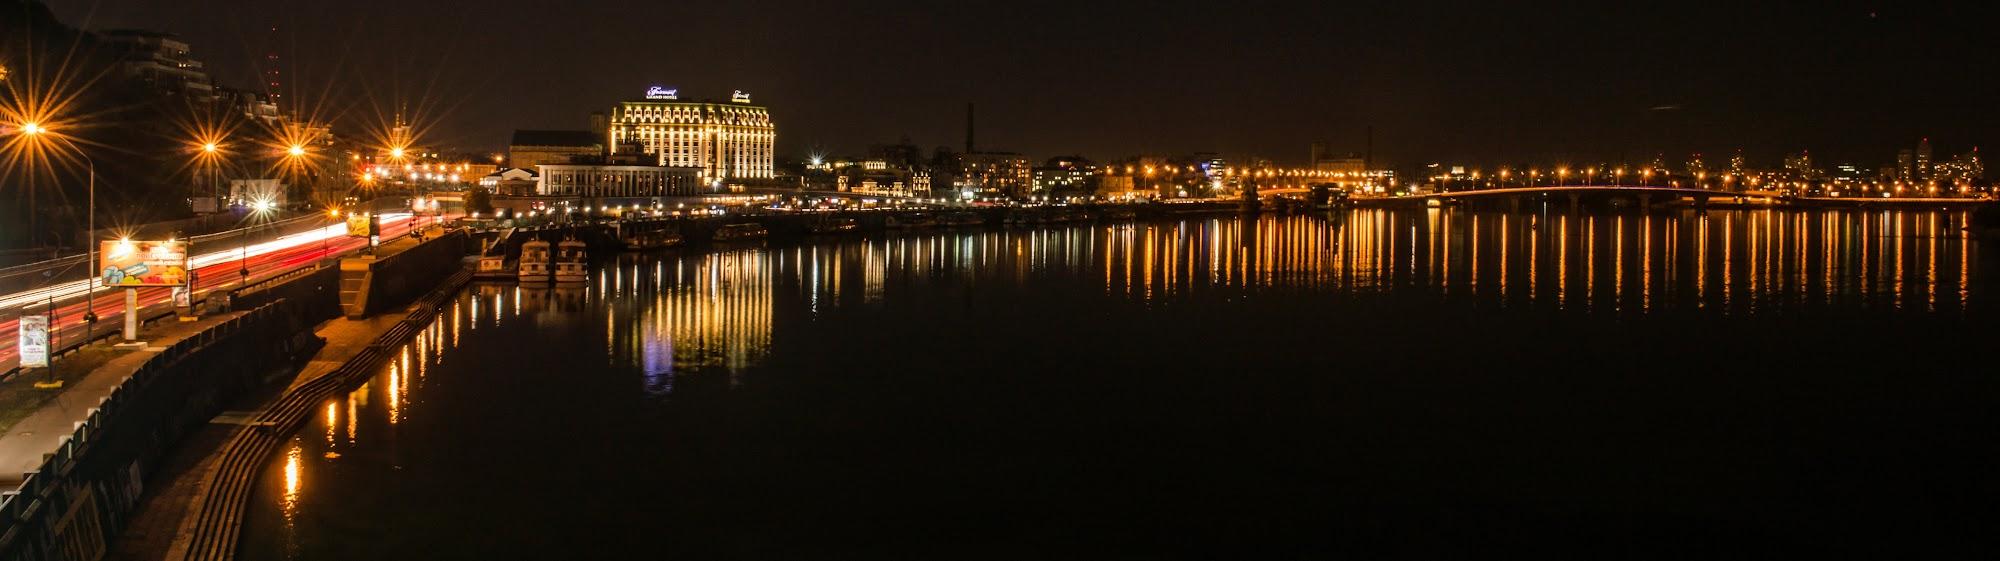 Київ з пішоходного мосту